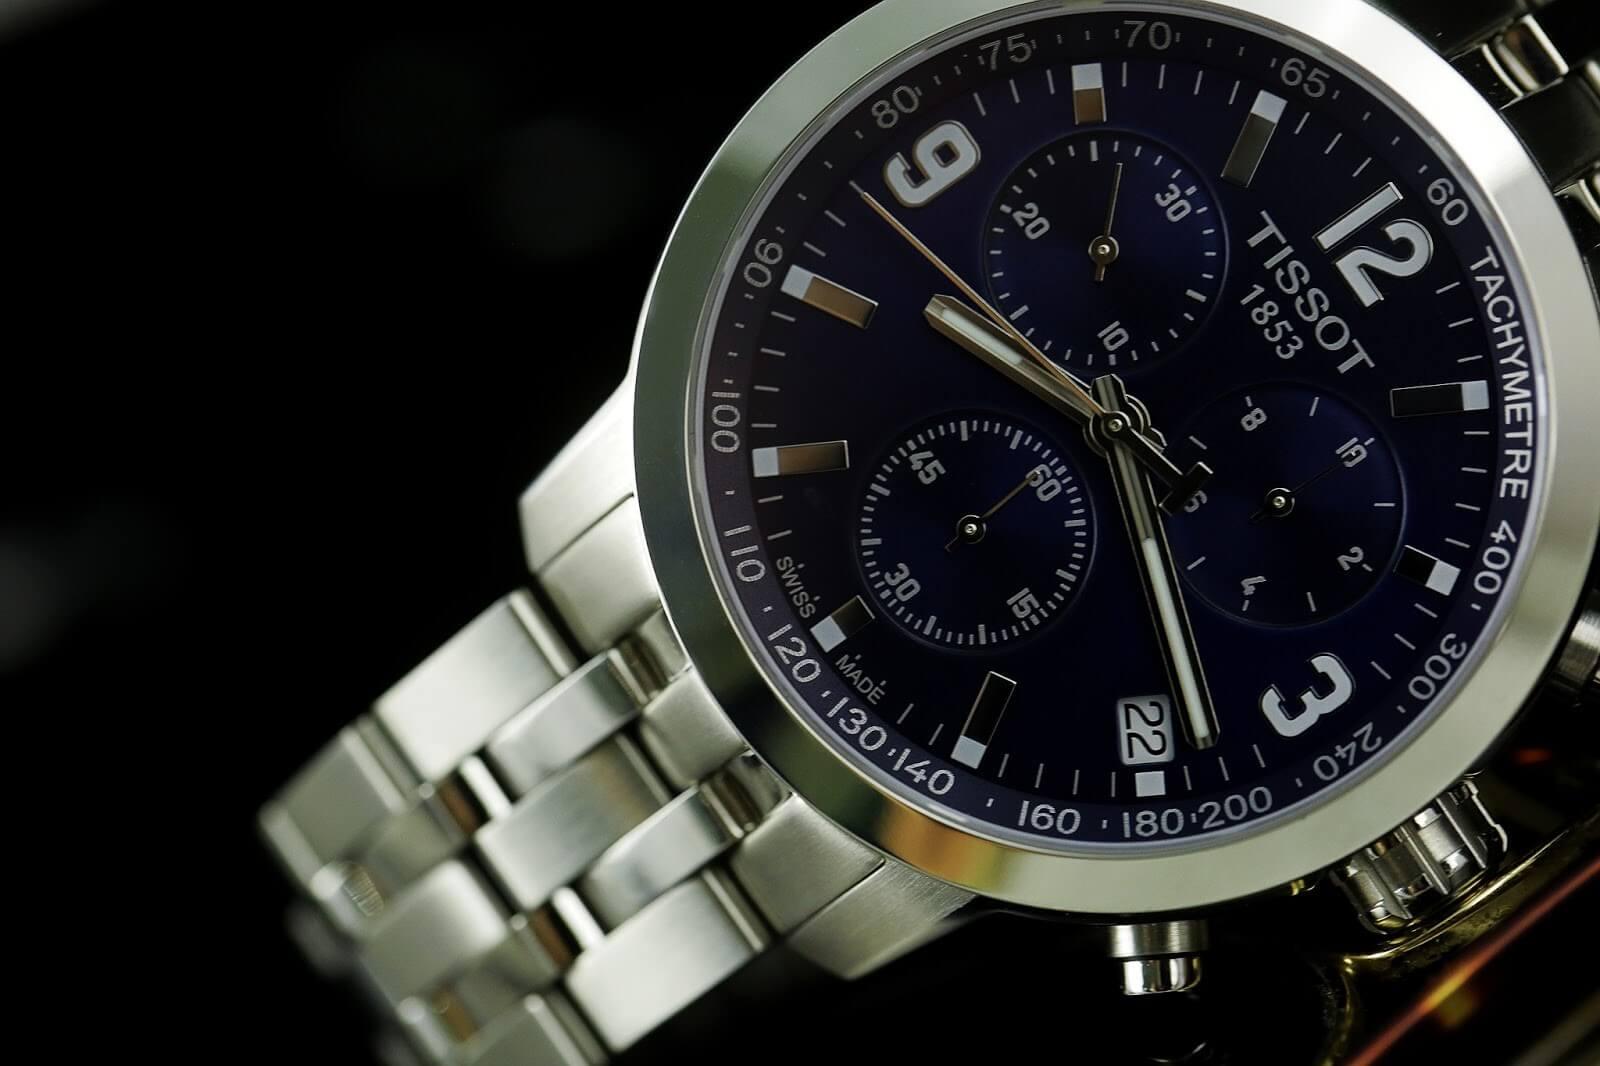 Bạn có biết chỉnh giờ đồng hồ đeo tay như thế nào đúng chuẩn?